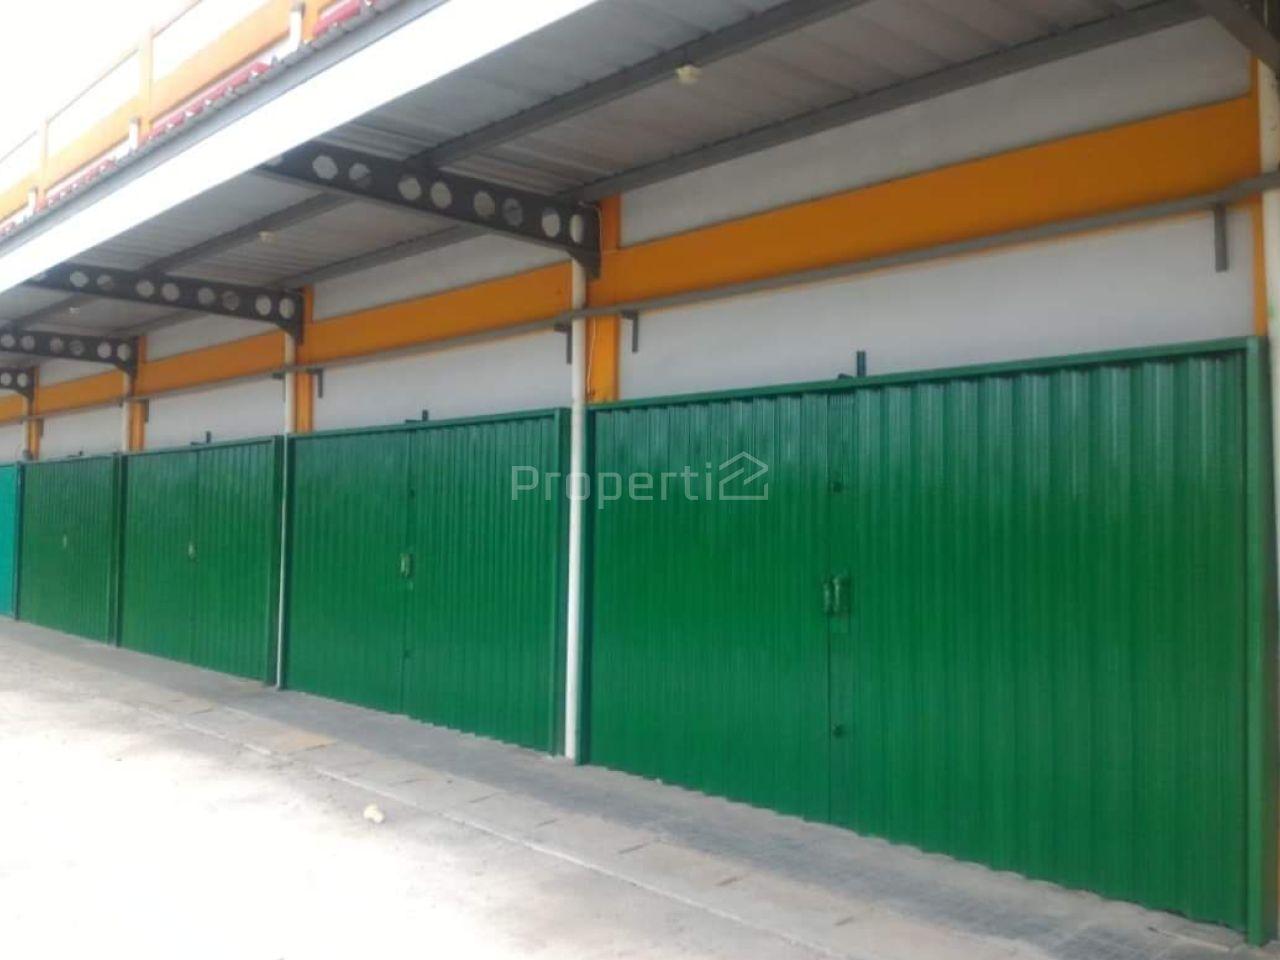 Kios Baru di Pasar Parung, Jawa Barat